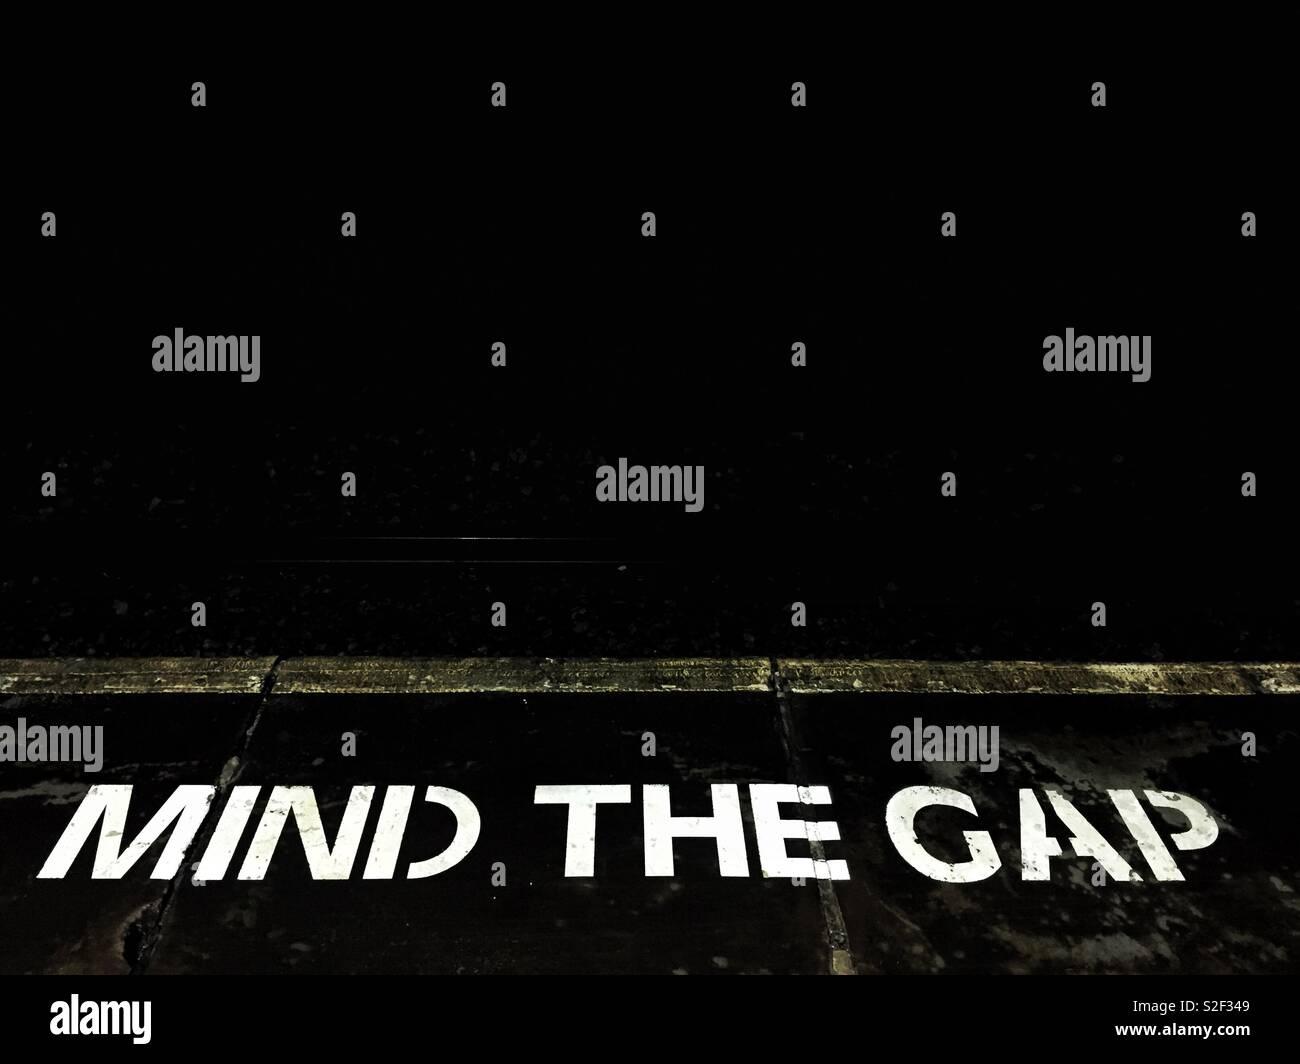 Ein Zeichen auf dem Boden einer Bahnhof Plattform Warnung Passagiere die Lücke zu beachten Stockfoto